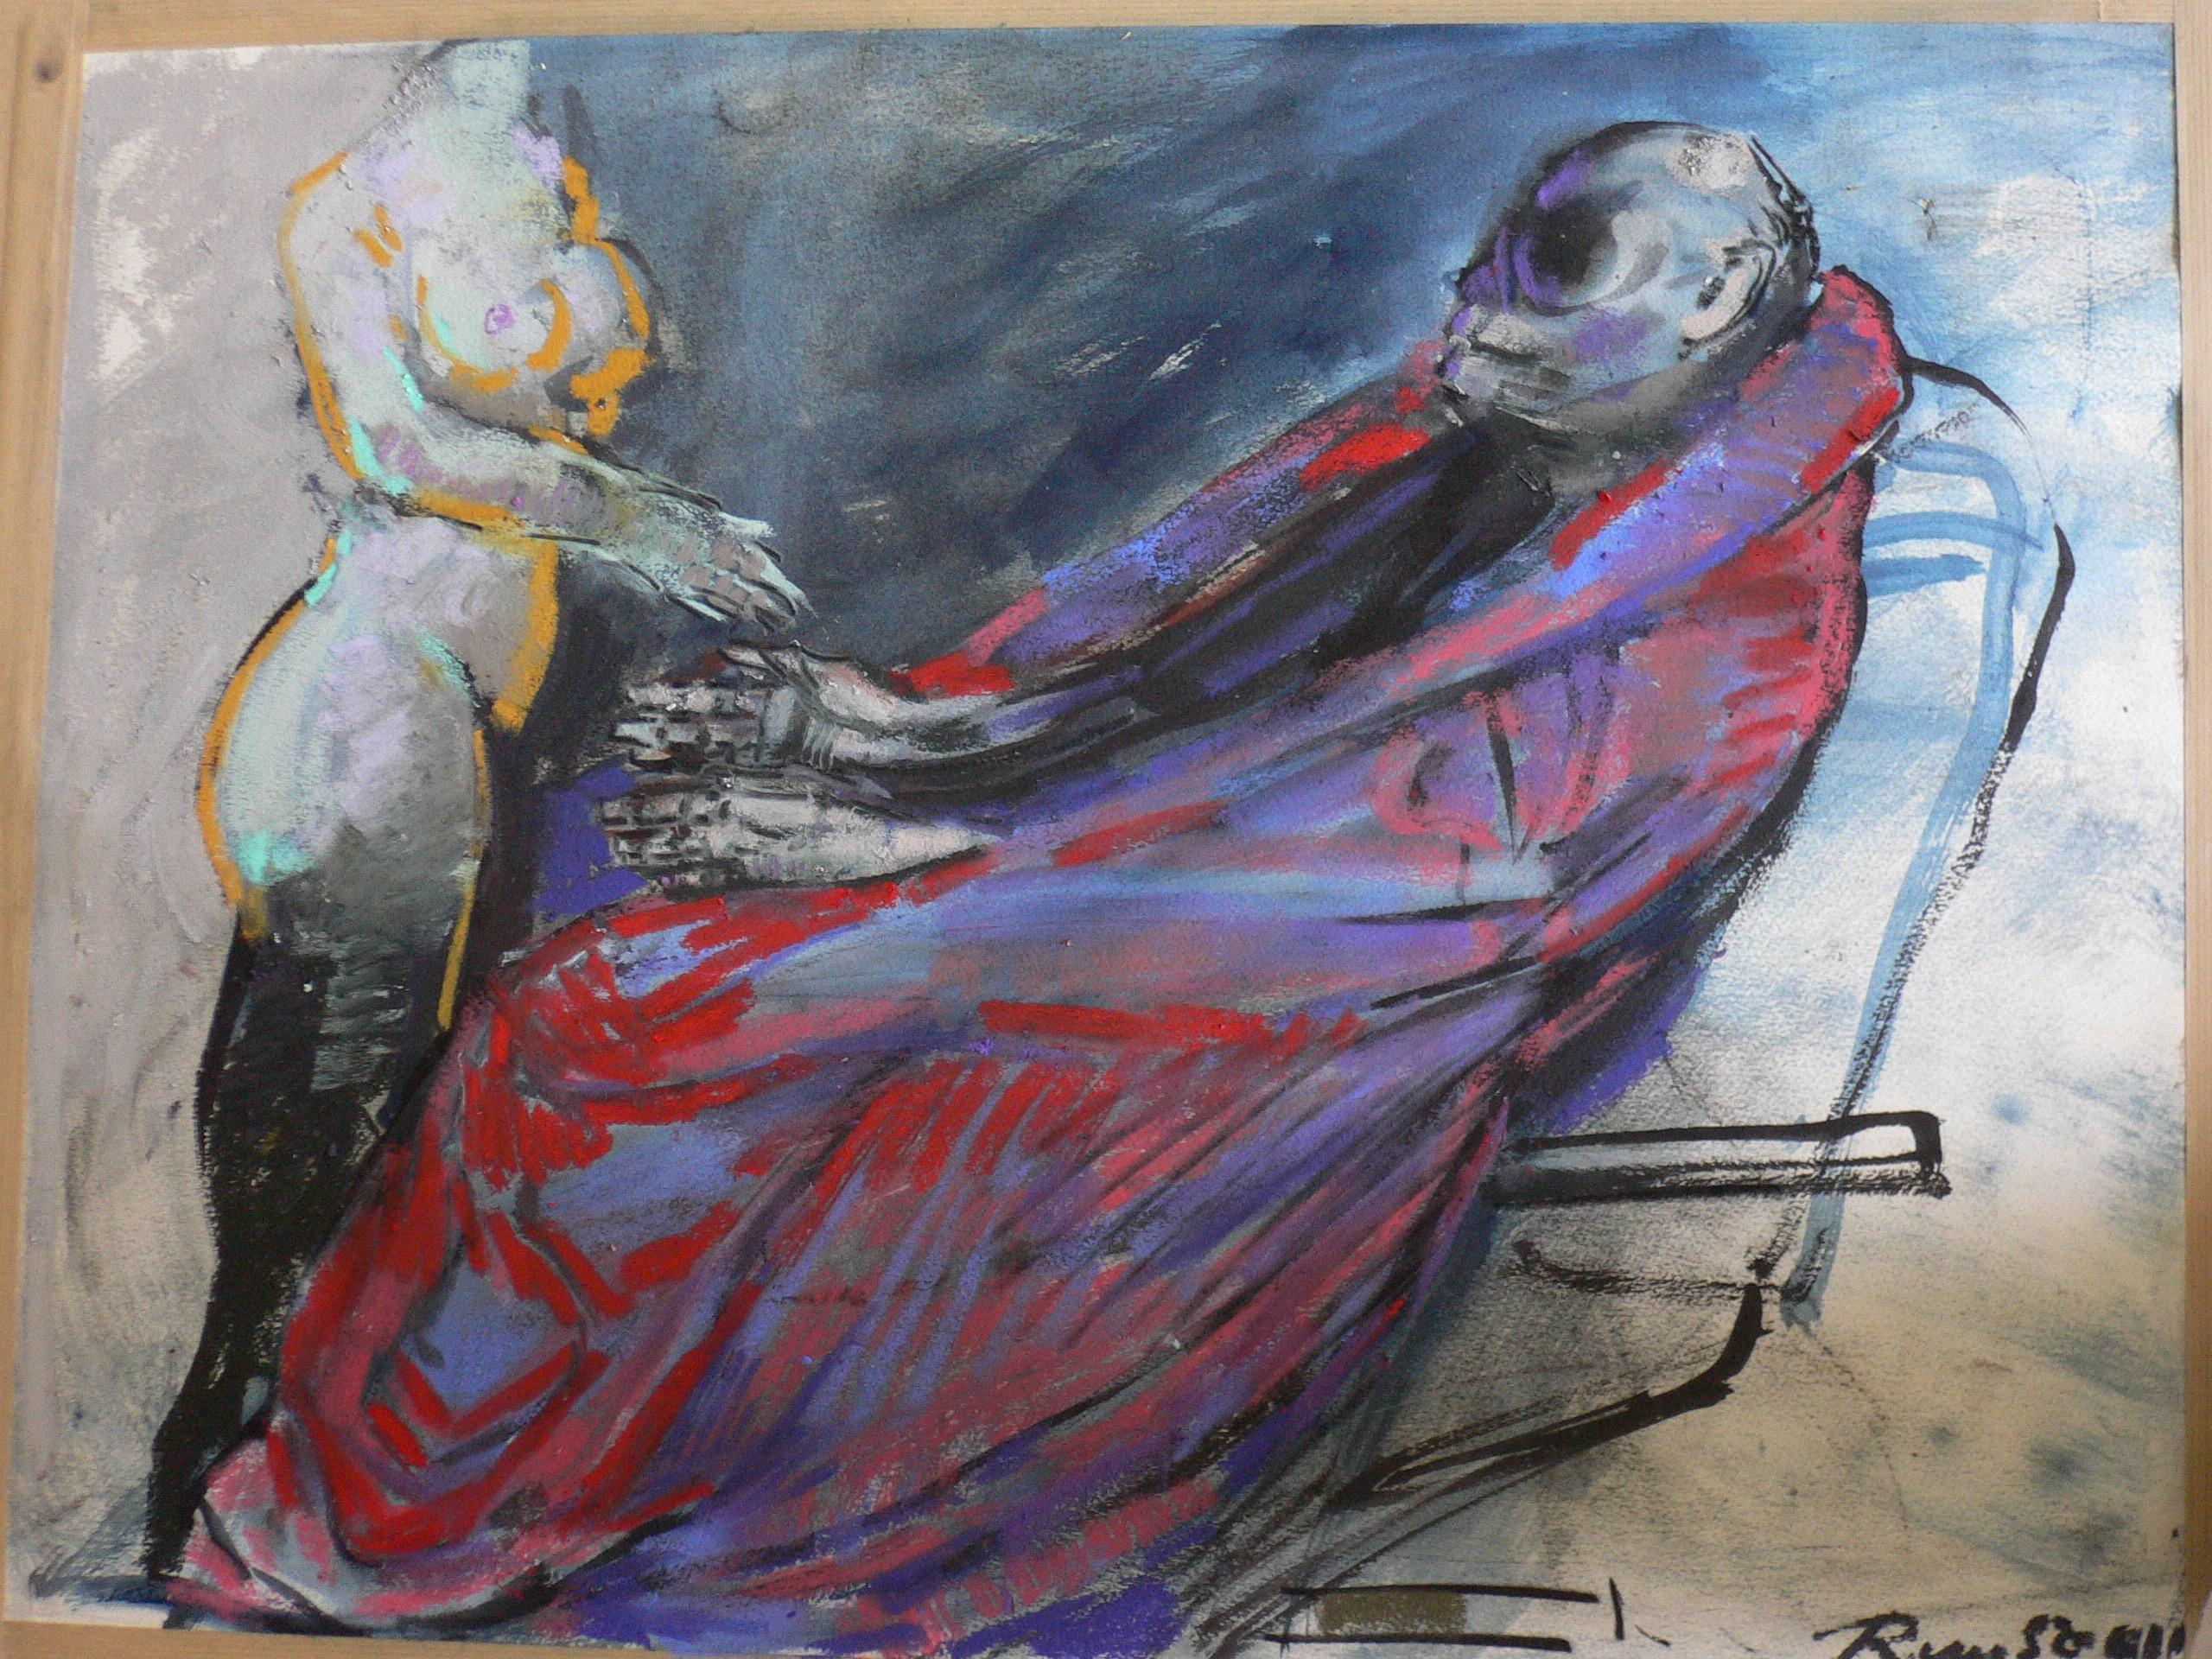 LA JEUNE FILLE ET LA MORT 2011 009-1